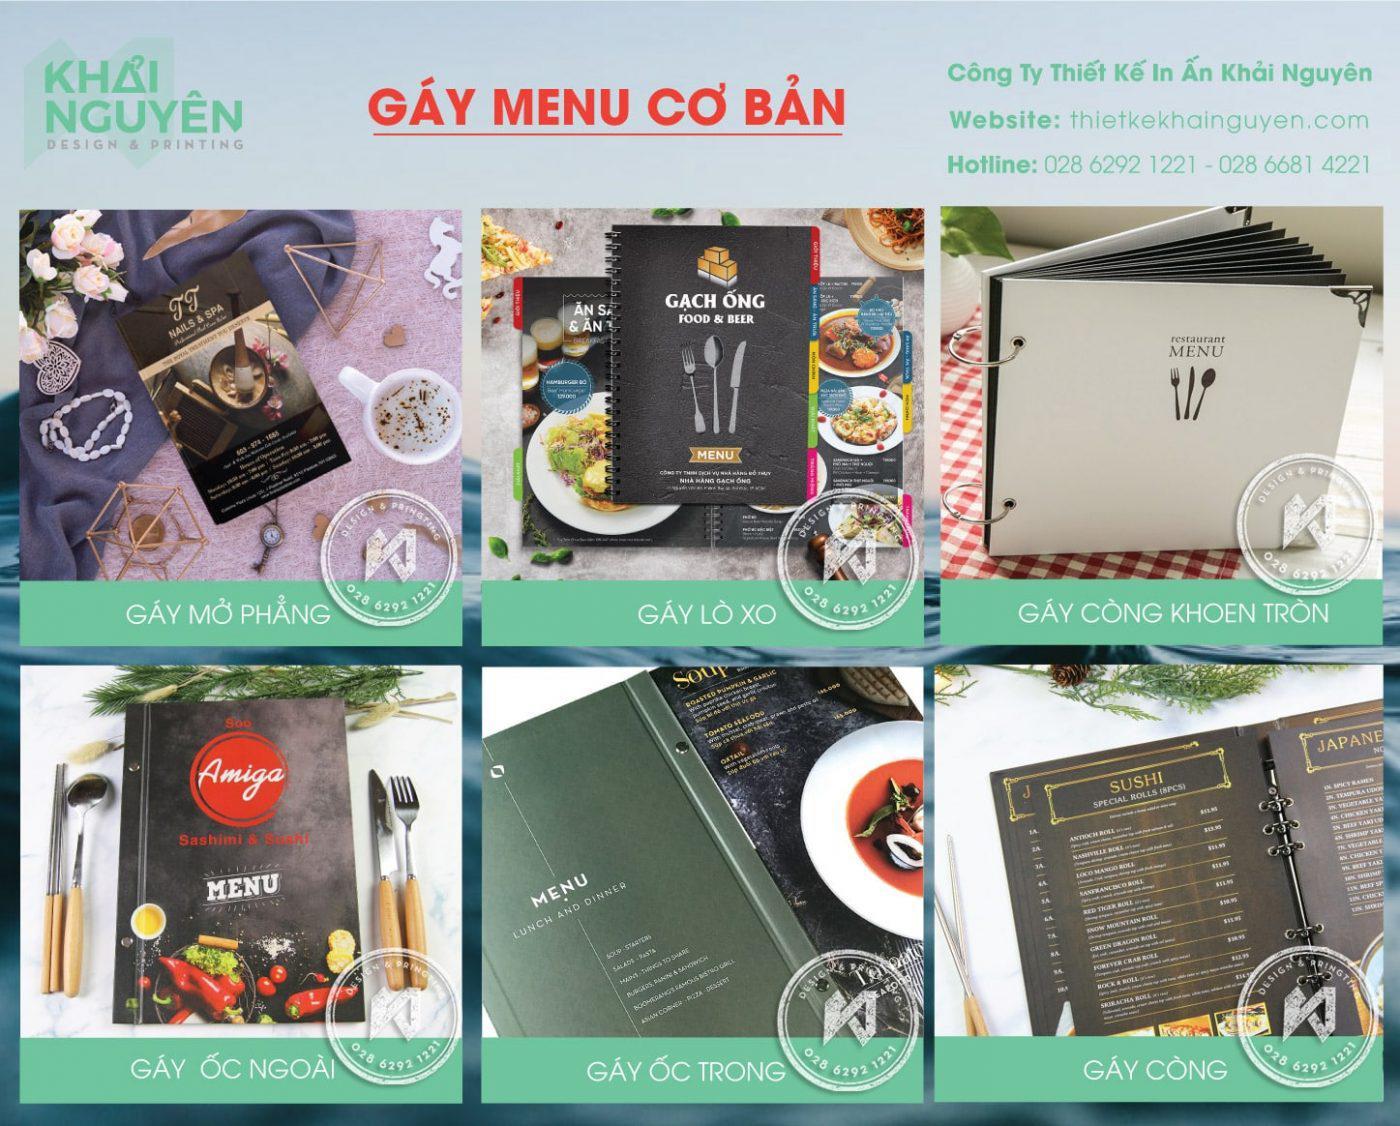 Gáy menu cơ bản - cách đóng cuốn menu bìa cứng